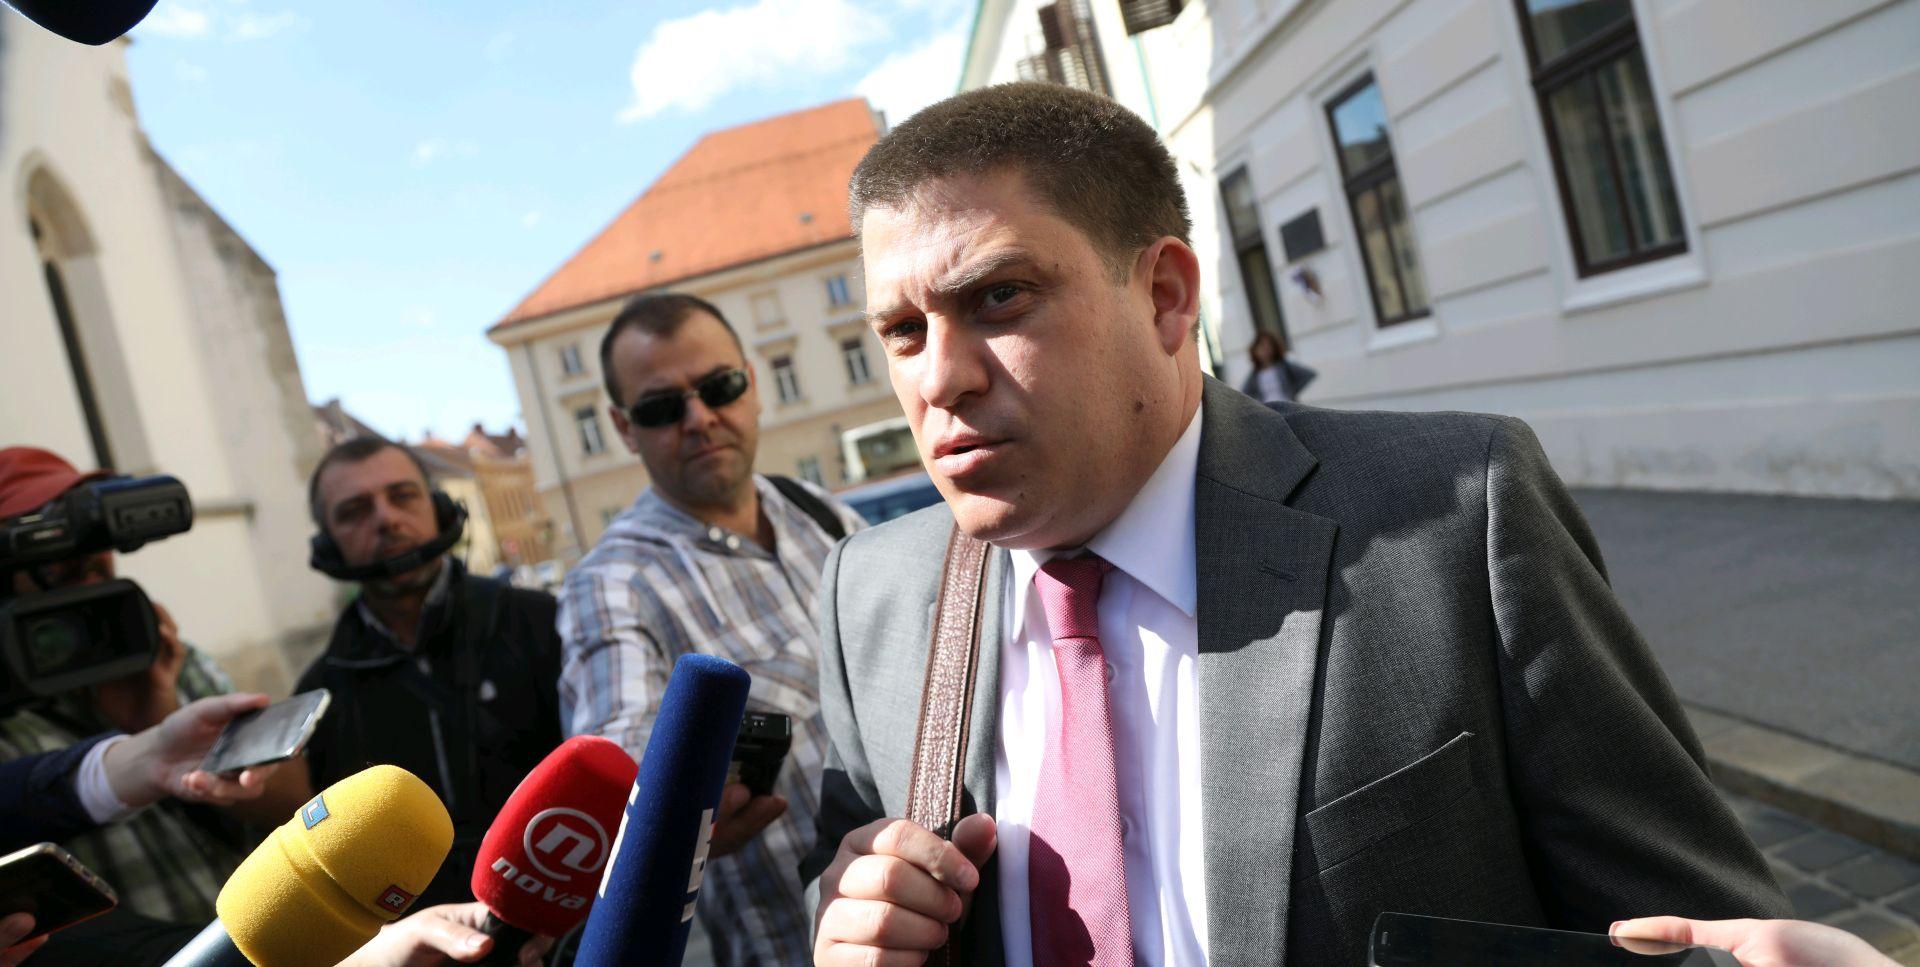 BUTKOVIĆ 'Izgradnja mosta kopno-otok Čiovo mora biti gotova do 15. lipnja 2018.'